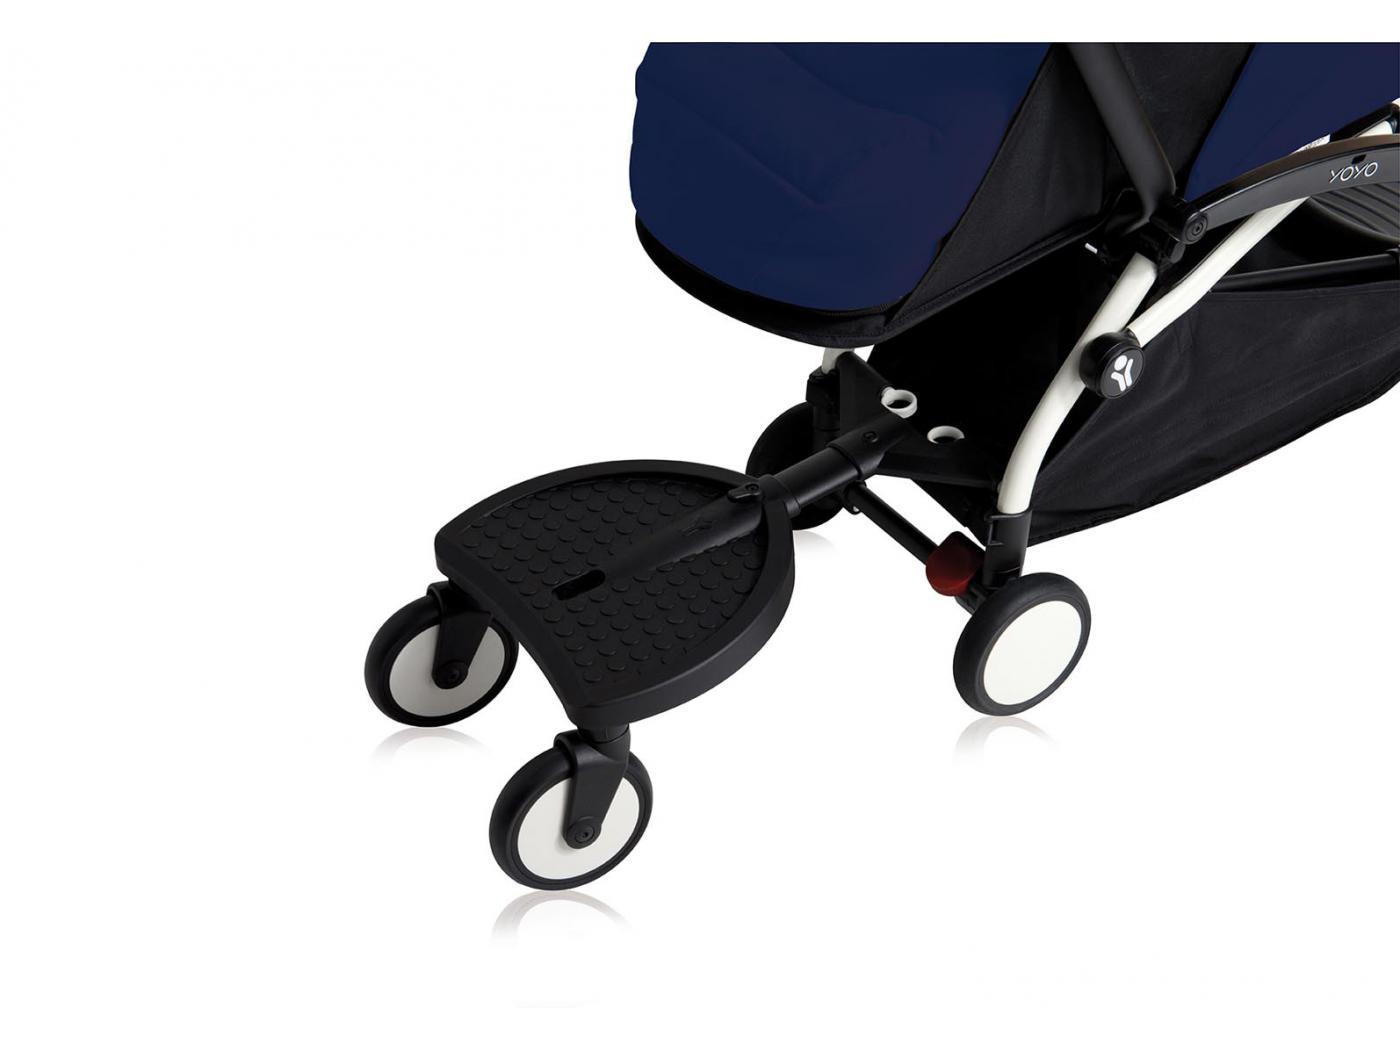 babyzen planche roulettes pour poussette yoyo. Black Bedroom Furniture Sets. Home Design Ideas